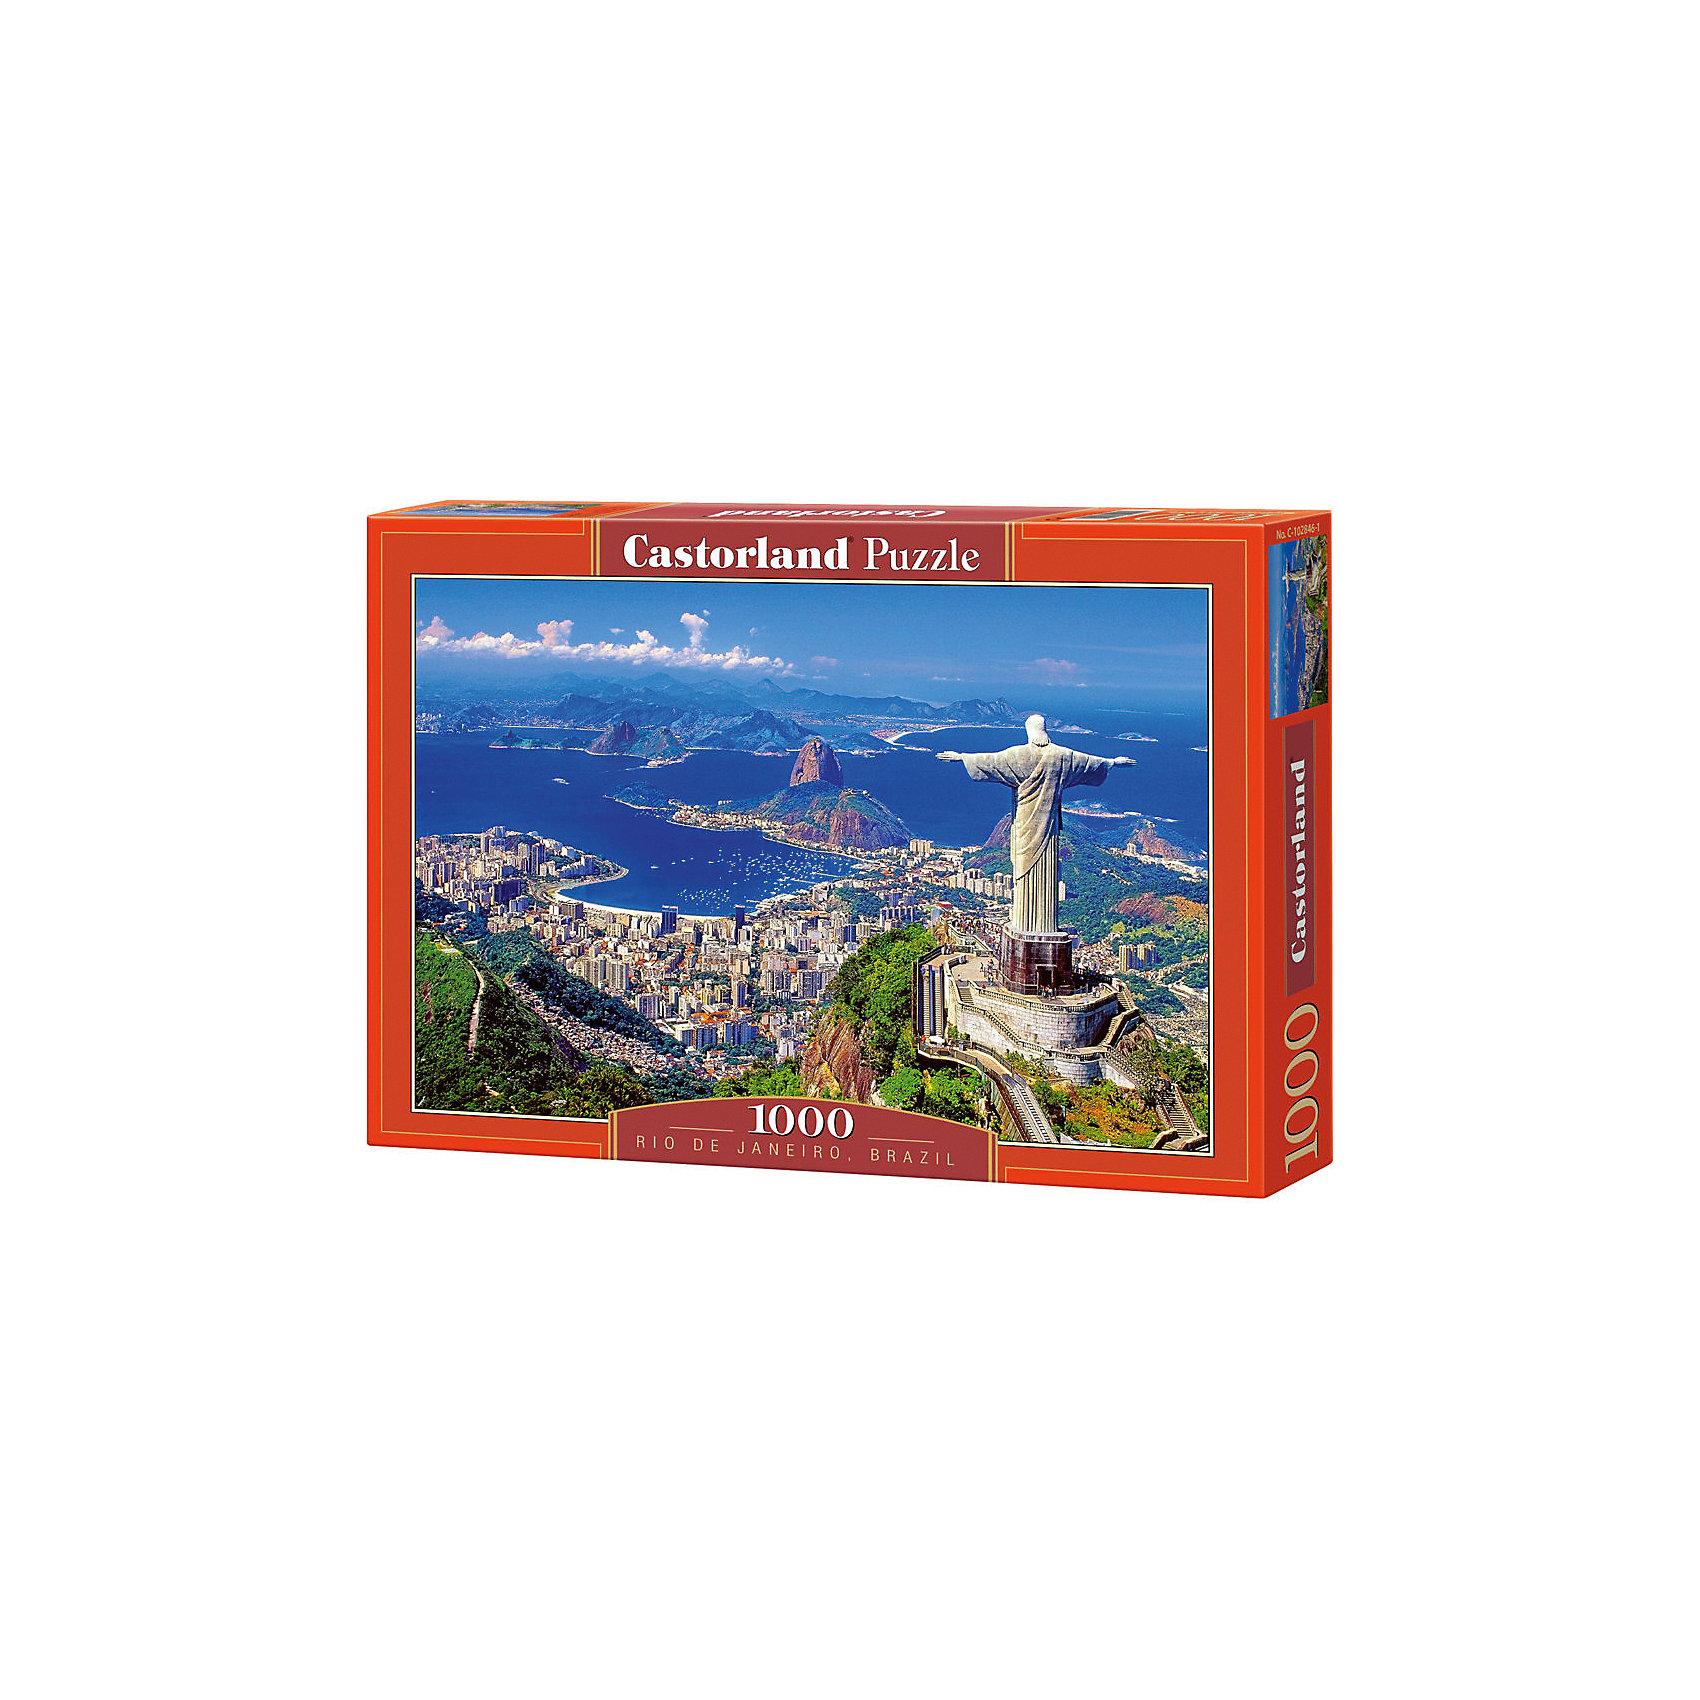 Пазл Рио-де-Жанейро, 1000 деталей, CastorlandКлассические пазлы<br>Рио де Жанейро - удивительный, красивый пазл из 1000 деталей от Castorland (Касторленд)!<br><br>Пазл отличается высочайшим качеством полиграфии, насыщенными цветами, идеальной стыковкой элементов, изготовленных из плотного, нерасслаивающегося картона. Особая техника штамповки компании Castorland гарантирует, что каждая деталь идеально встанет на свое место, картинка будет прочно фиксироваться при сборке и не сломается, если ее случайно задеть.<br><br>Этот красивый пазл можно складывать всей семьей, с друзьями или, напротив, одному, отдыхая от каждодневной суеты и стресса. Такое увлекательное занятие разнообразит Ваш досуг и позволит с пользой проводить свободное время: сбор пазлов развивает воображение, пространственное мышление, фантазию, внимание, память.<br><br>Дополнительная информация:<br><br>- Количество деталей: 1000<br>- Материал: плотный картон<br>- Размер собранного пазла: 680x470 мм <br>- Размер коробки: 350x250x52 мм<br>- Вес: 600 г.<br><br>Пазл Рио-де-Жанейро, 1000 деталей, Castorland (Касторленд) можно купить в нашем интернет-магазине.<br><br>Ширина мм: 350<br>Глубина мм: 250<br>Высота мм: 50<br>Вес г: 500<br>Возраст от месяцев: 168<br>Возраст до месяцев: 1188<br>Пол: Унисекс<br>Возраст: Детский<br>Количество деталей: 1000<br>SKU: 3350512